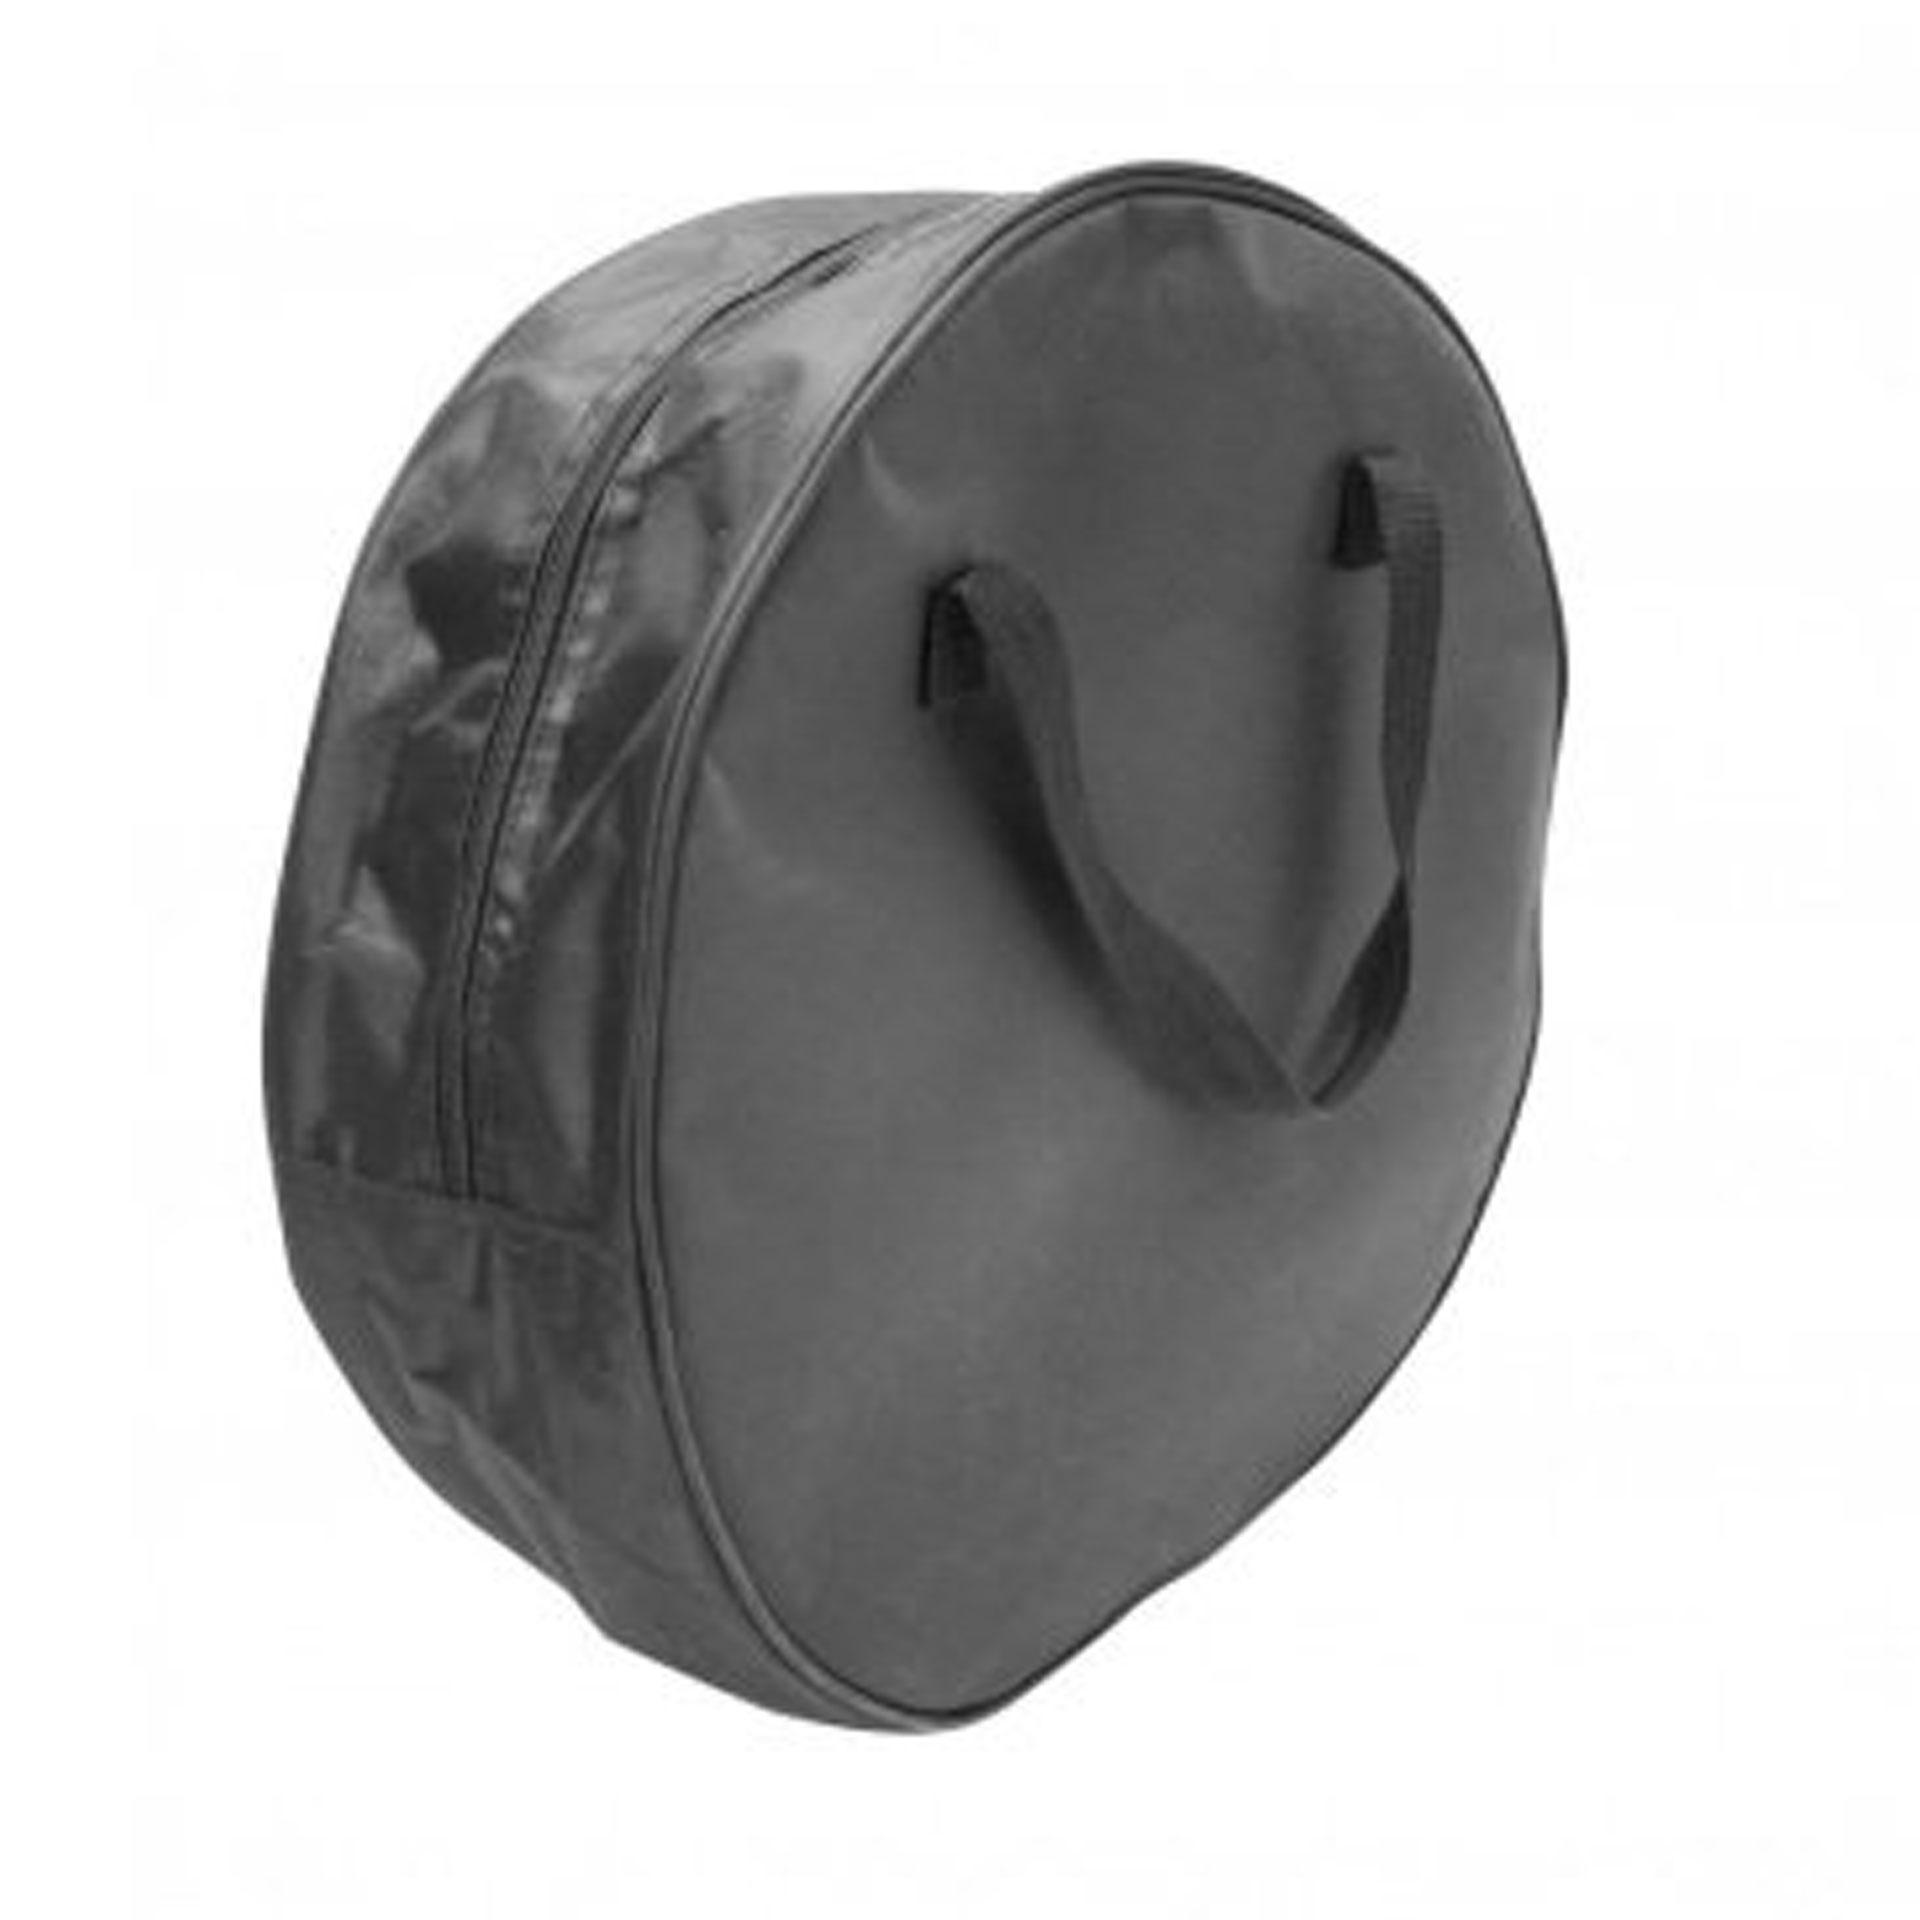 Tragetasche für Kfz-Ladekabel Aufbewahrungstasche schwarz